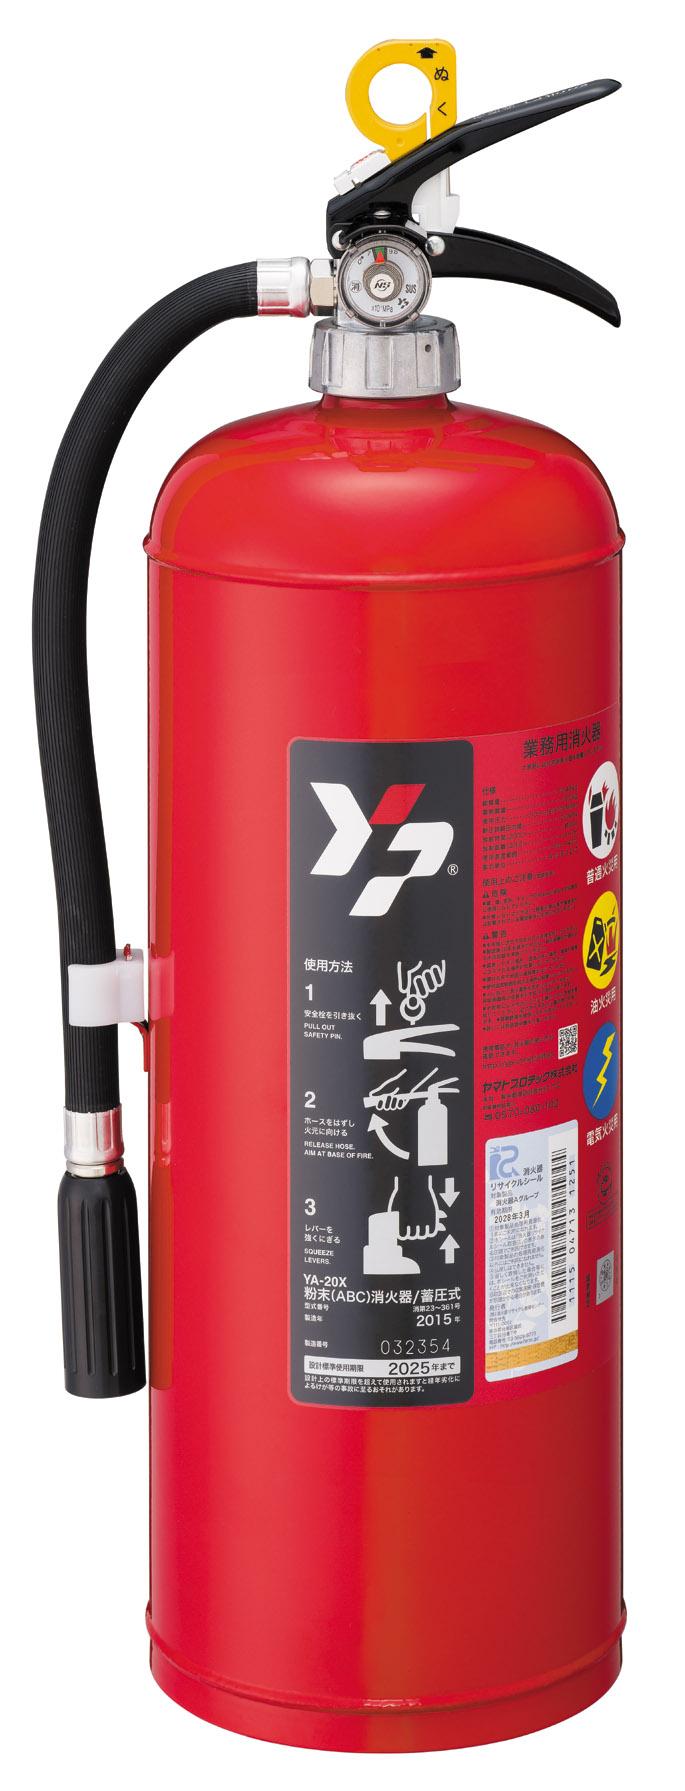 粉末(ABC)蓄圧式消火器 YA-20X